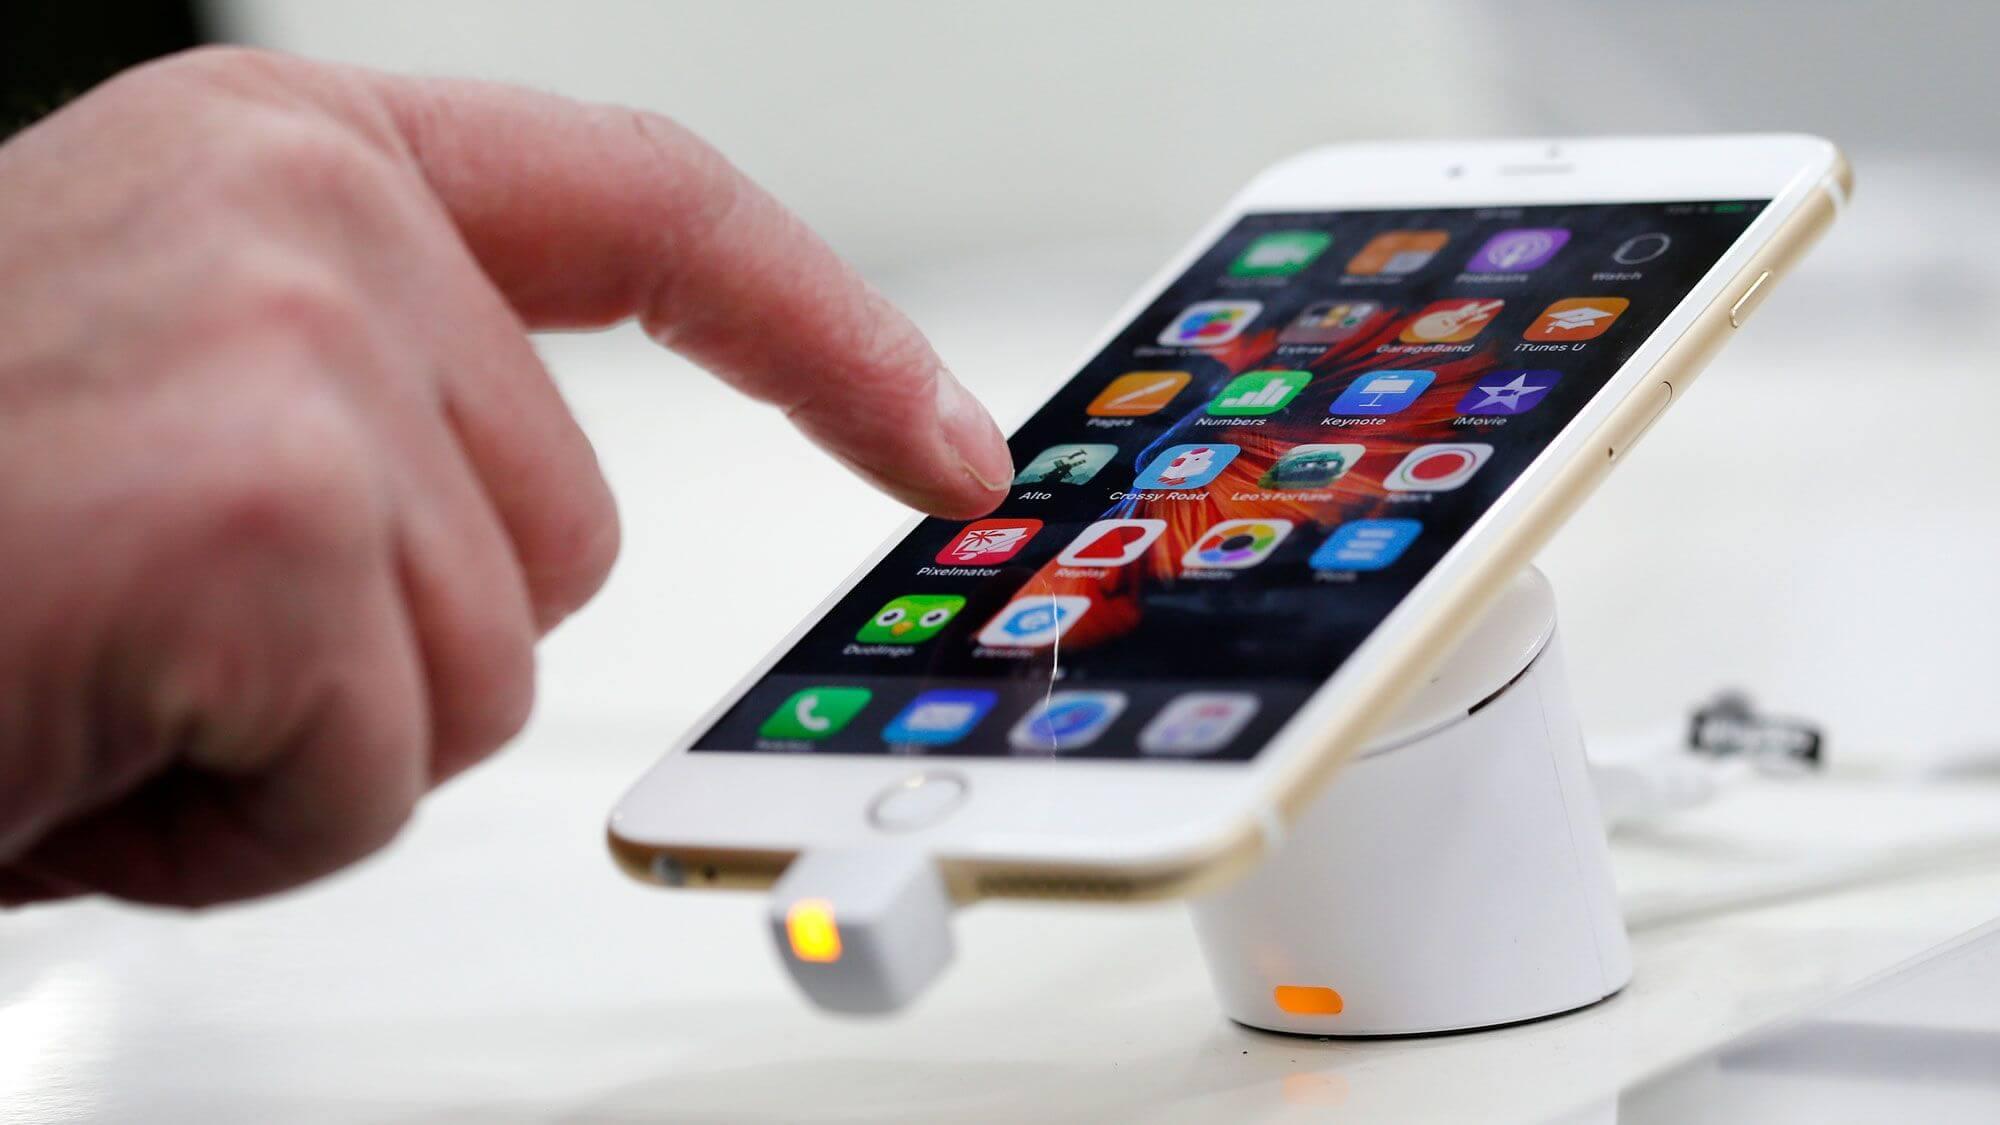 От Apple требуют слить данные о пользователях спецслужбам. Снова